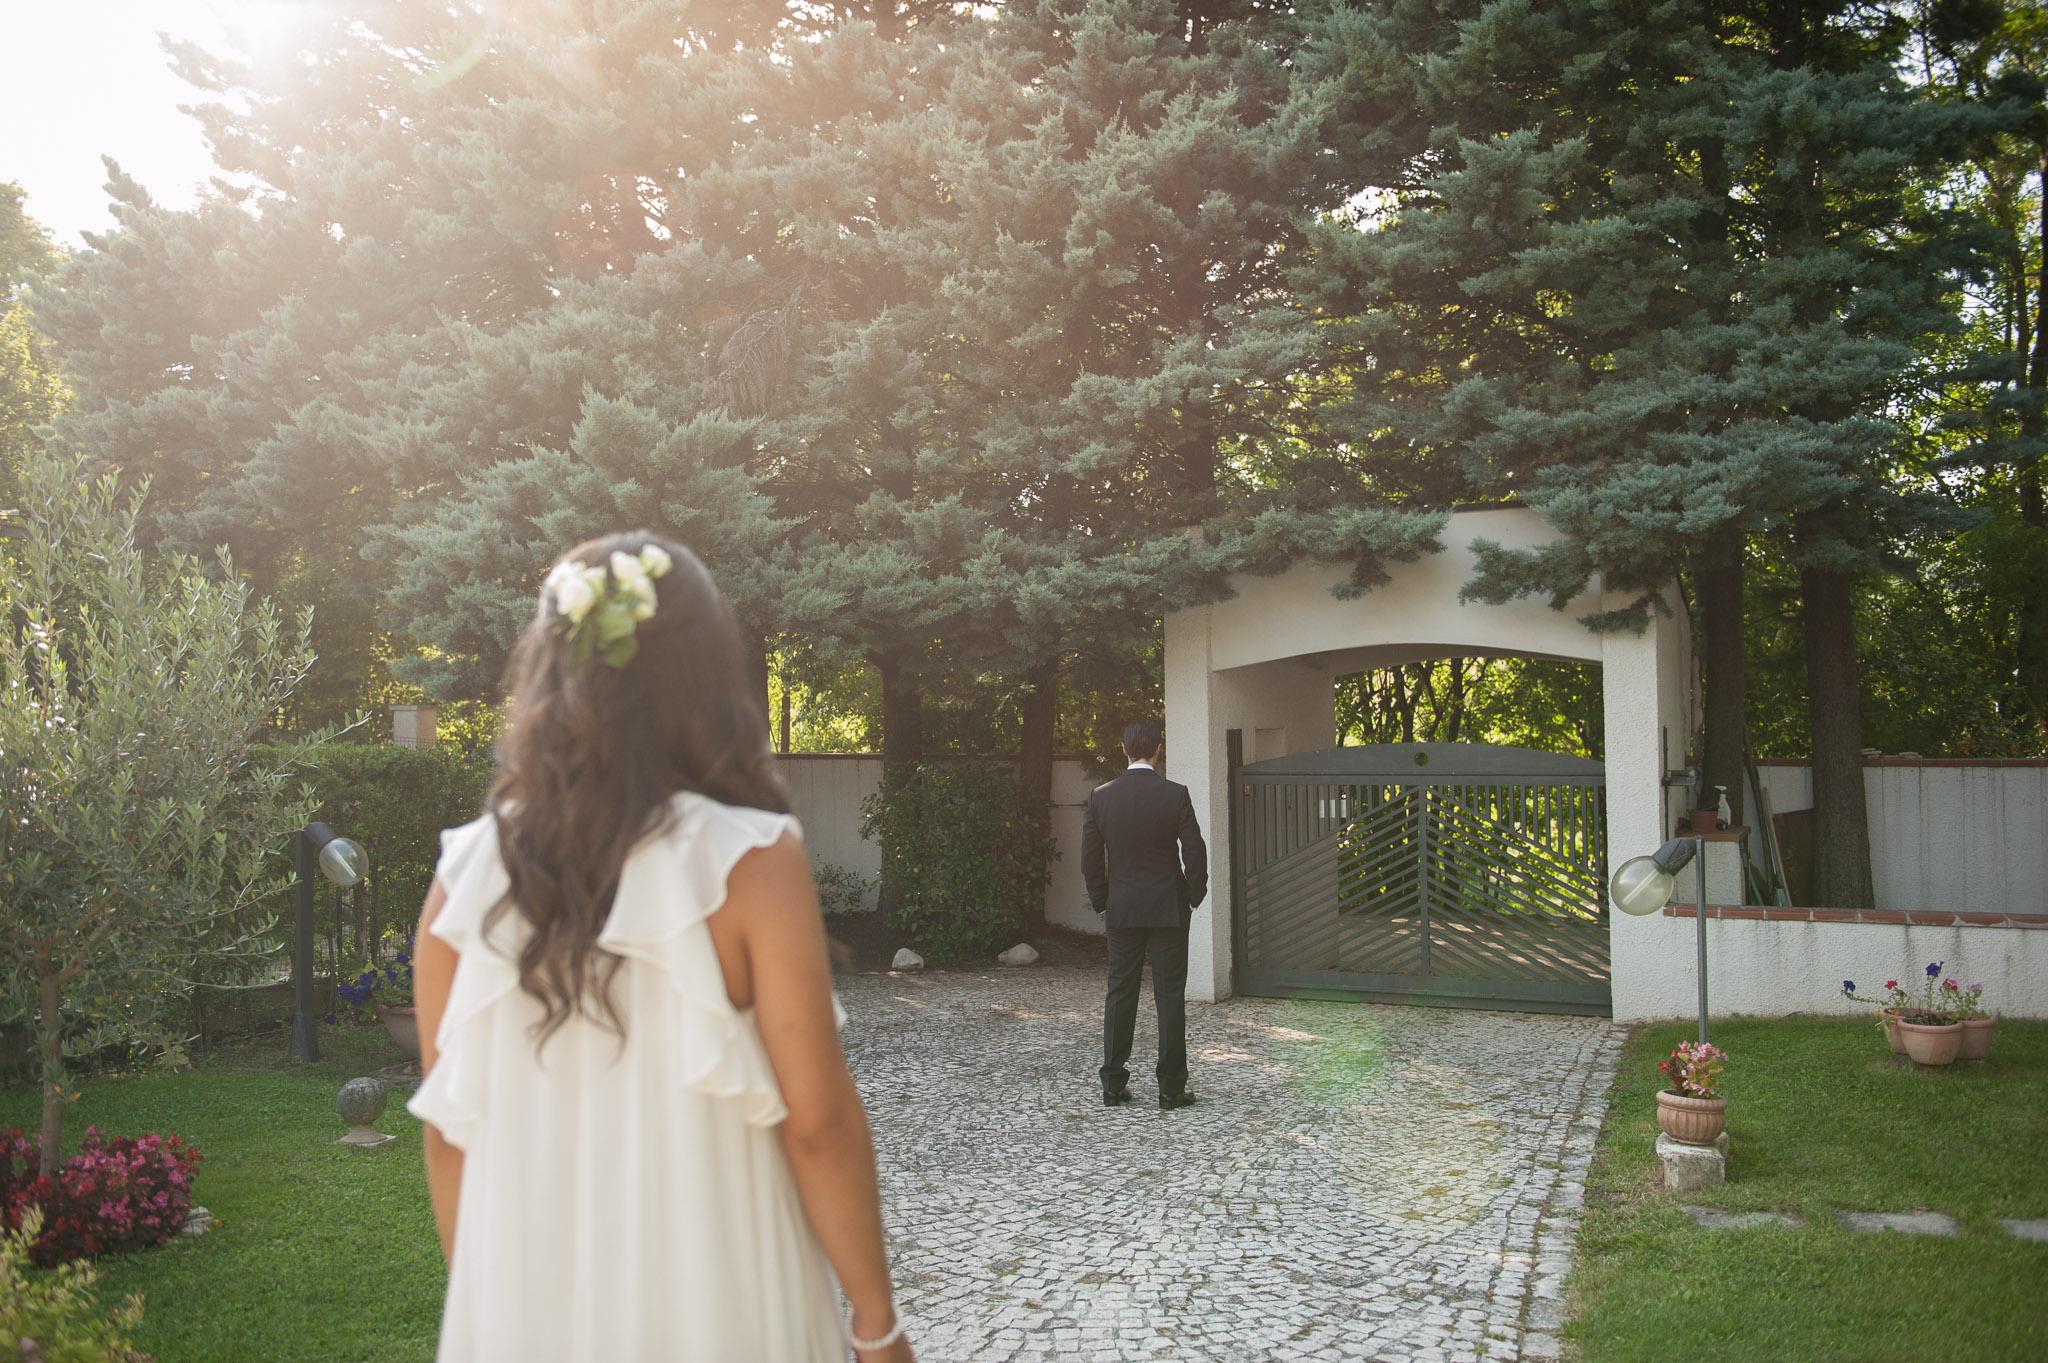 boda en italia_pablosalgado__PSB5833.jpg